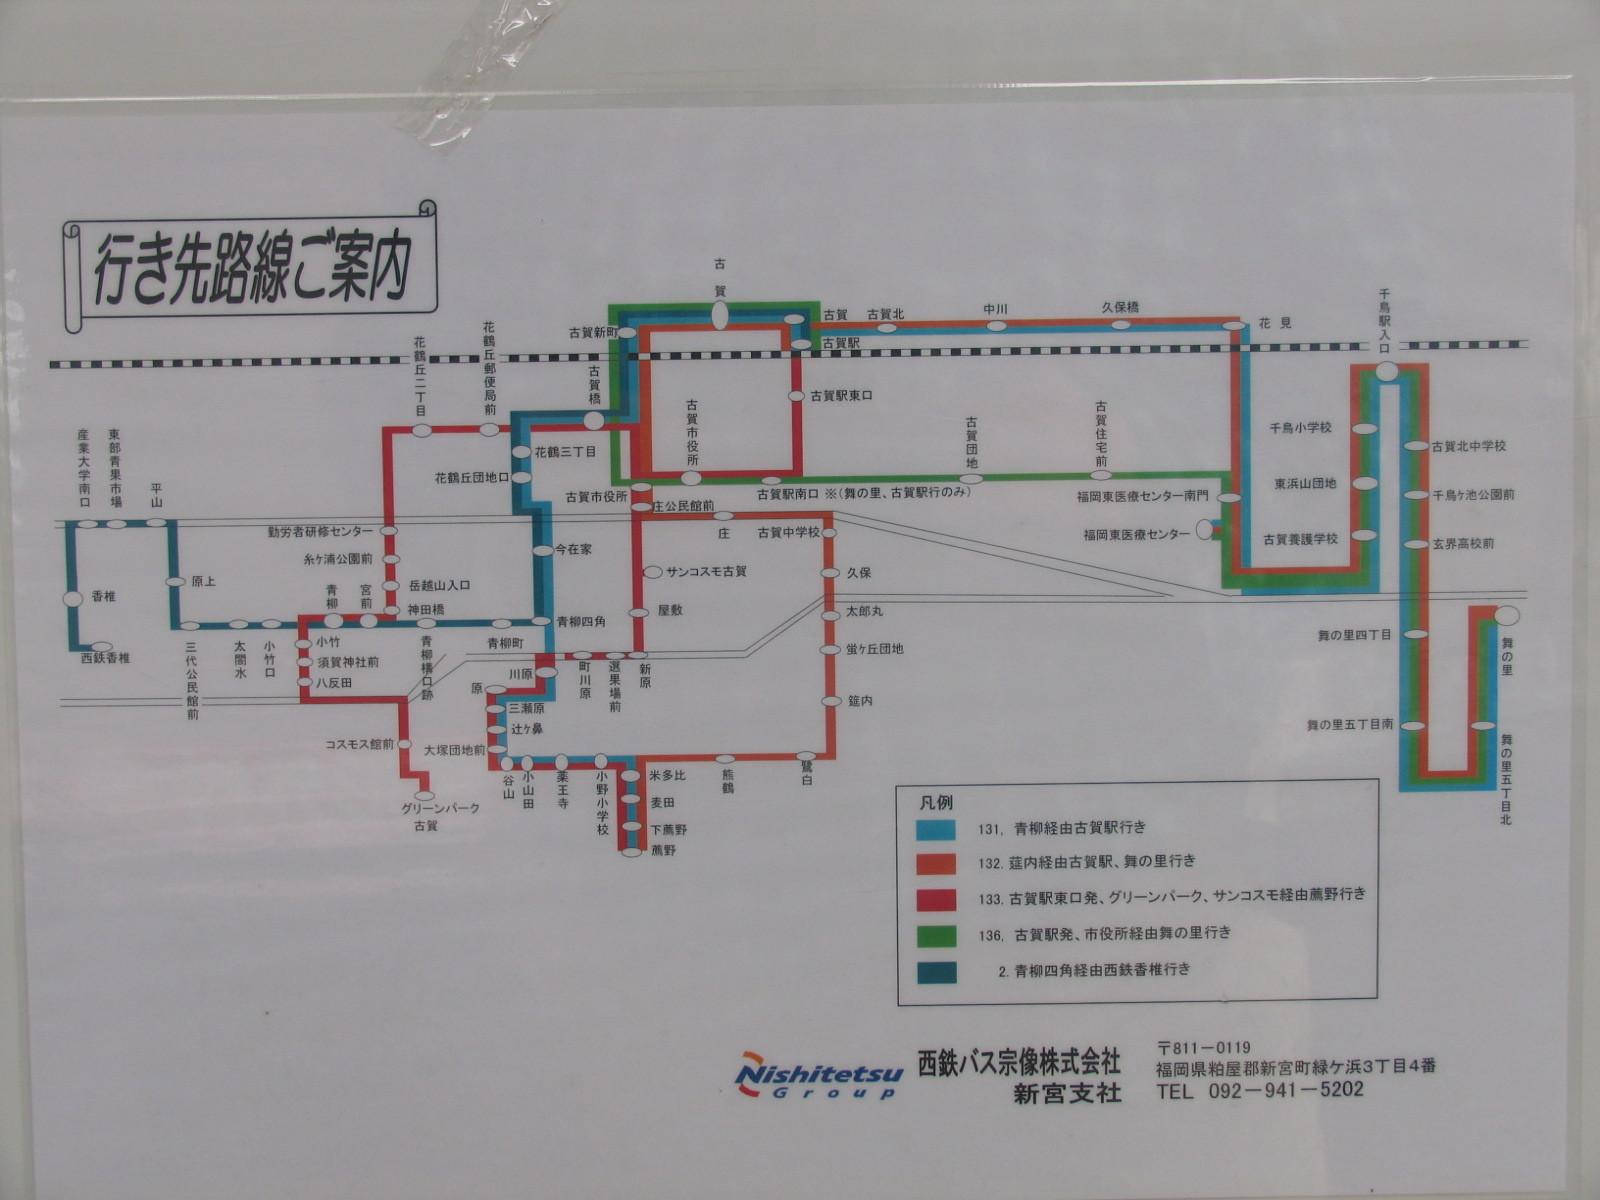 路線図・路線案内|バス情報|西鉄(にしてつ)くらしネット|バス・電車時刻表やおすすめ情報